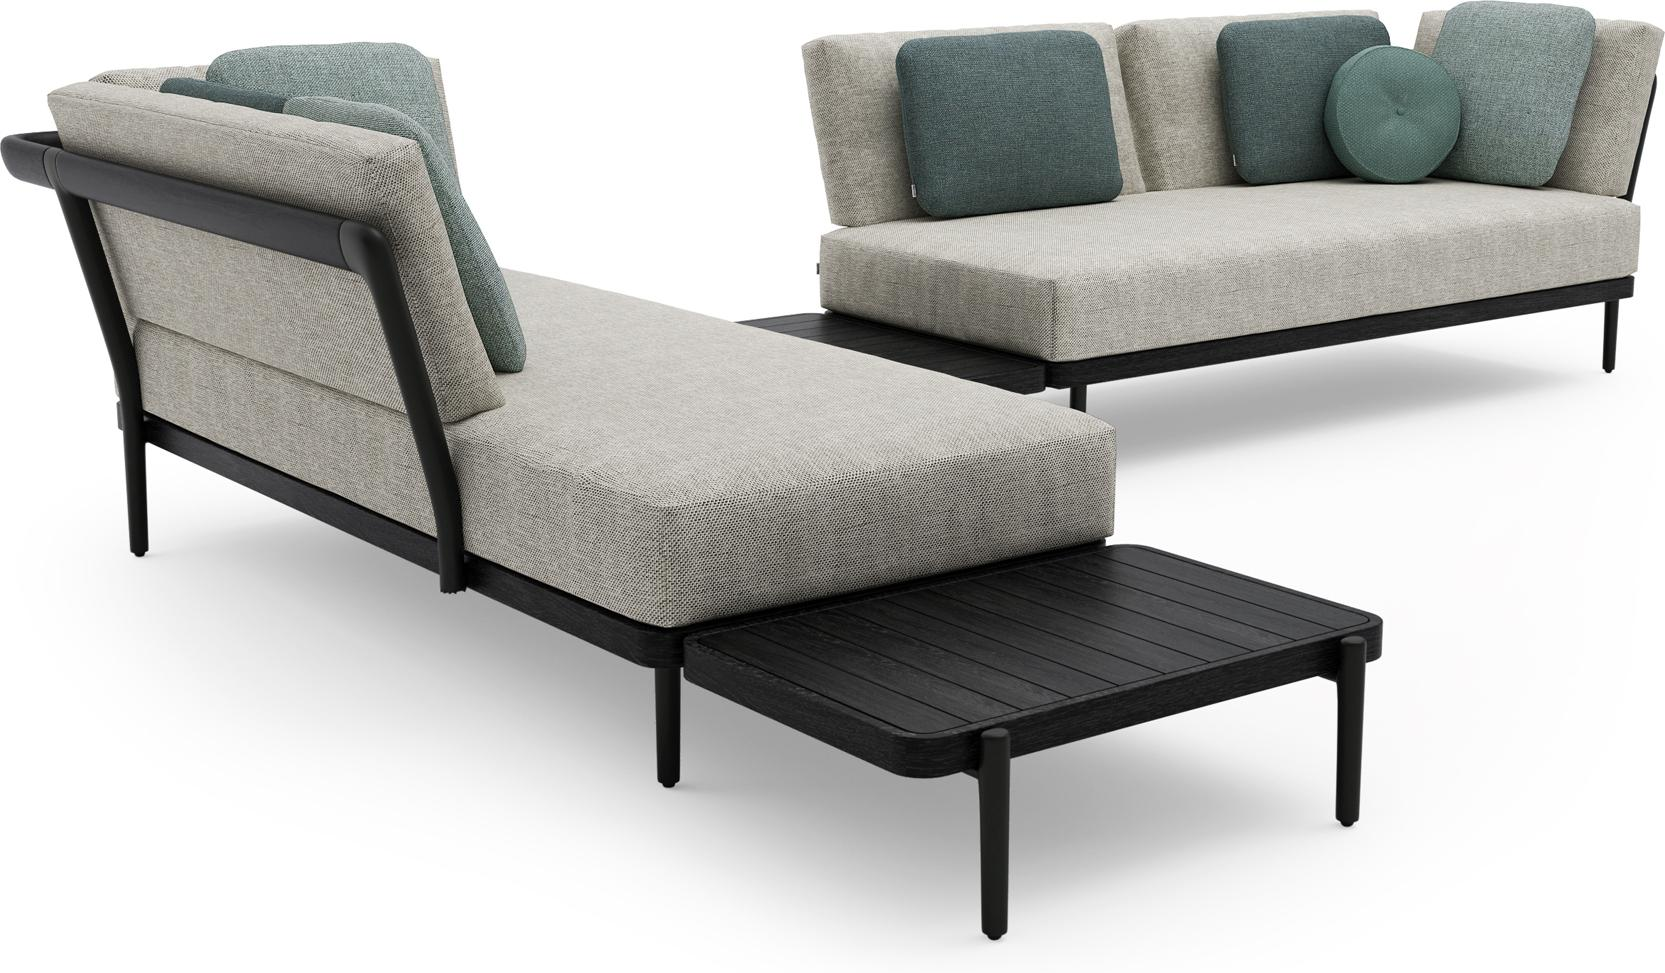 Flex Concept 3 teak nero black